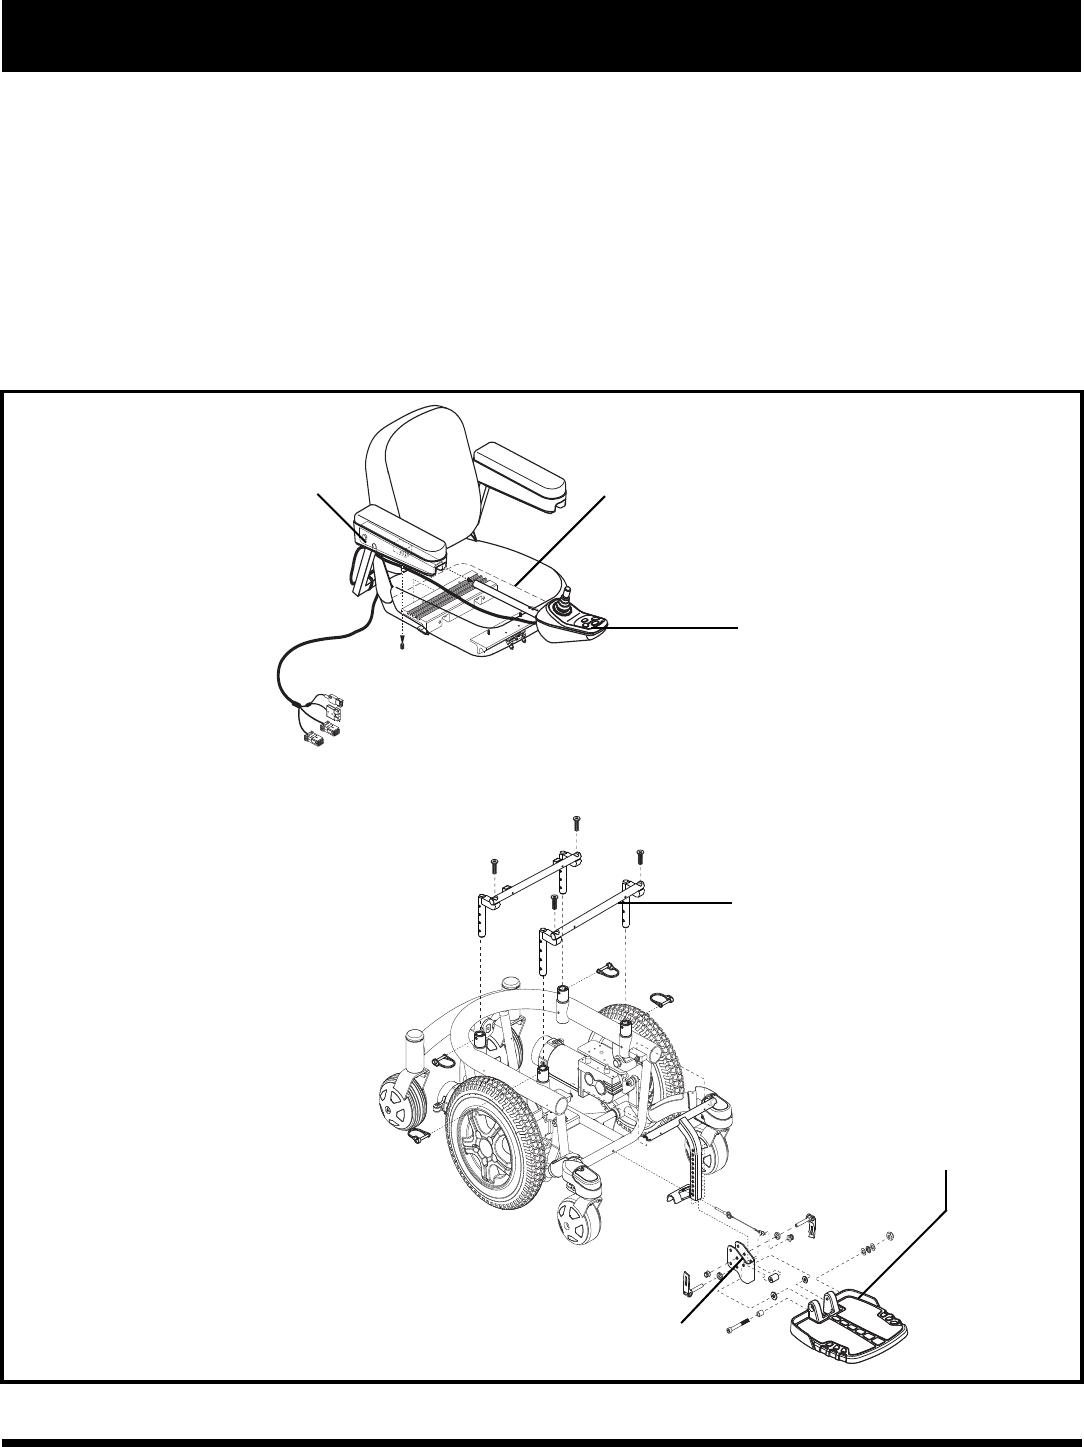 Pride Mobility Quantum 600 Sp User Manual 1003399 US_Q600